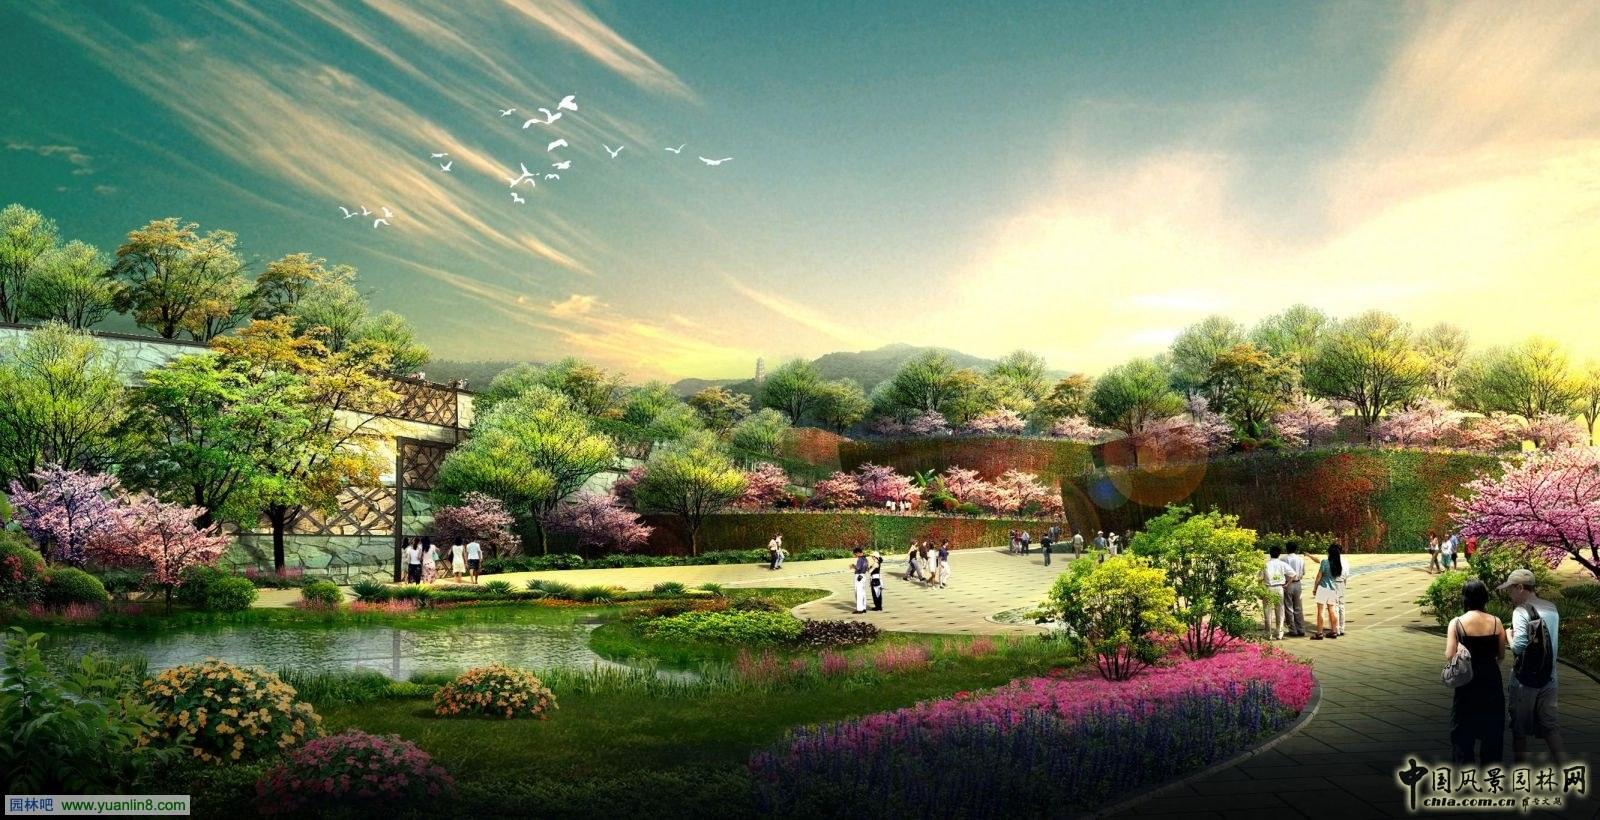 锦绣谷效果图-精品园林奖 北京园博会园区绿化景观及相关设施建设项目